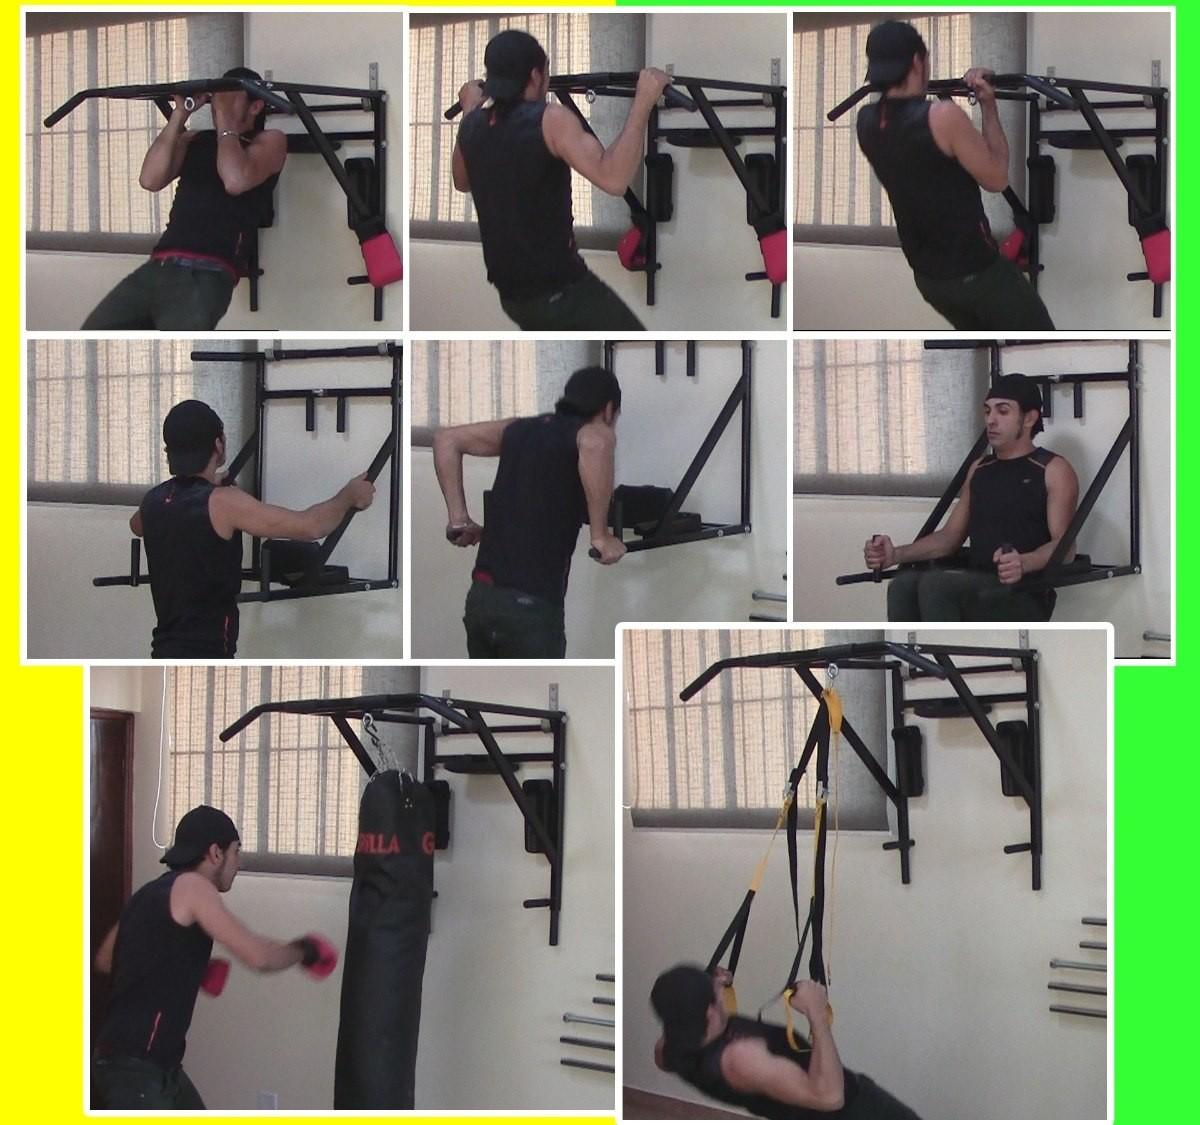 Foto8 - Barra Fixa e Paralela de Parede 4 Em 1 Multiuso / Mista. Exclusividade no Brasil. Menor Preço e Melhor Qualidade! - Fitness Prado